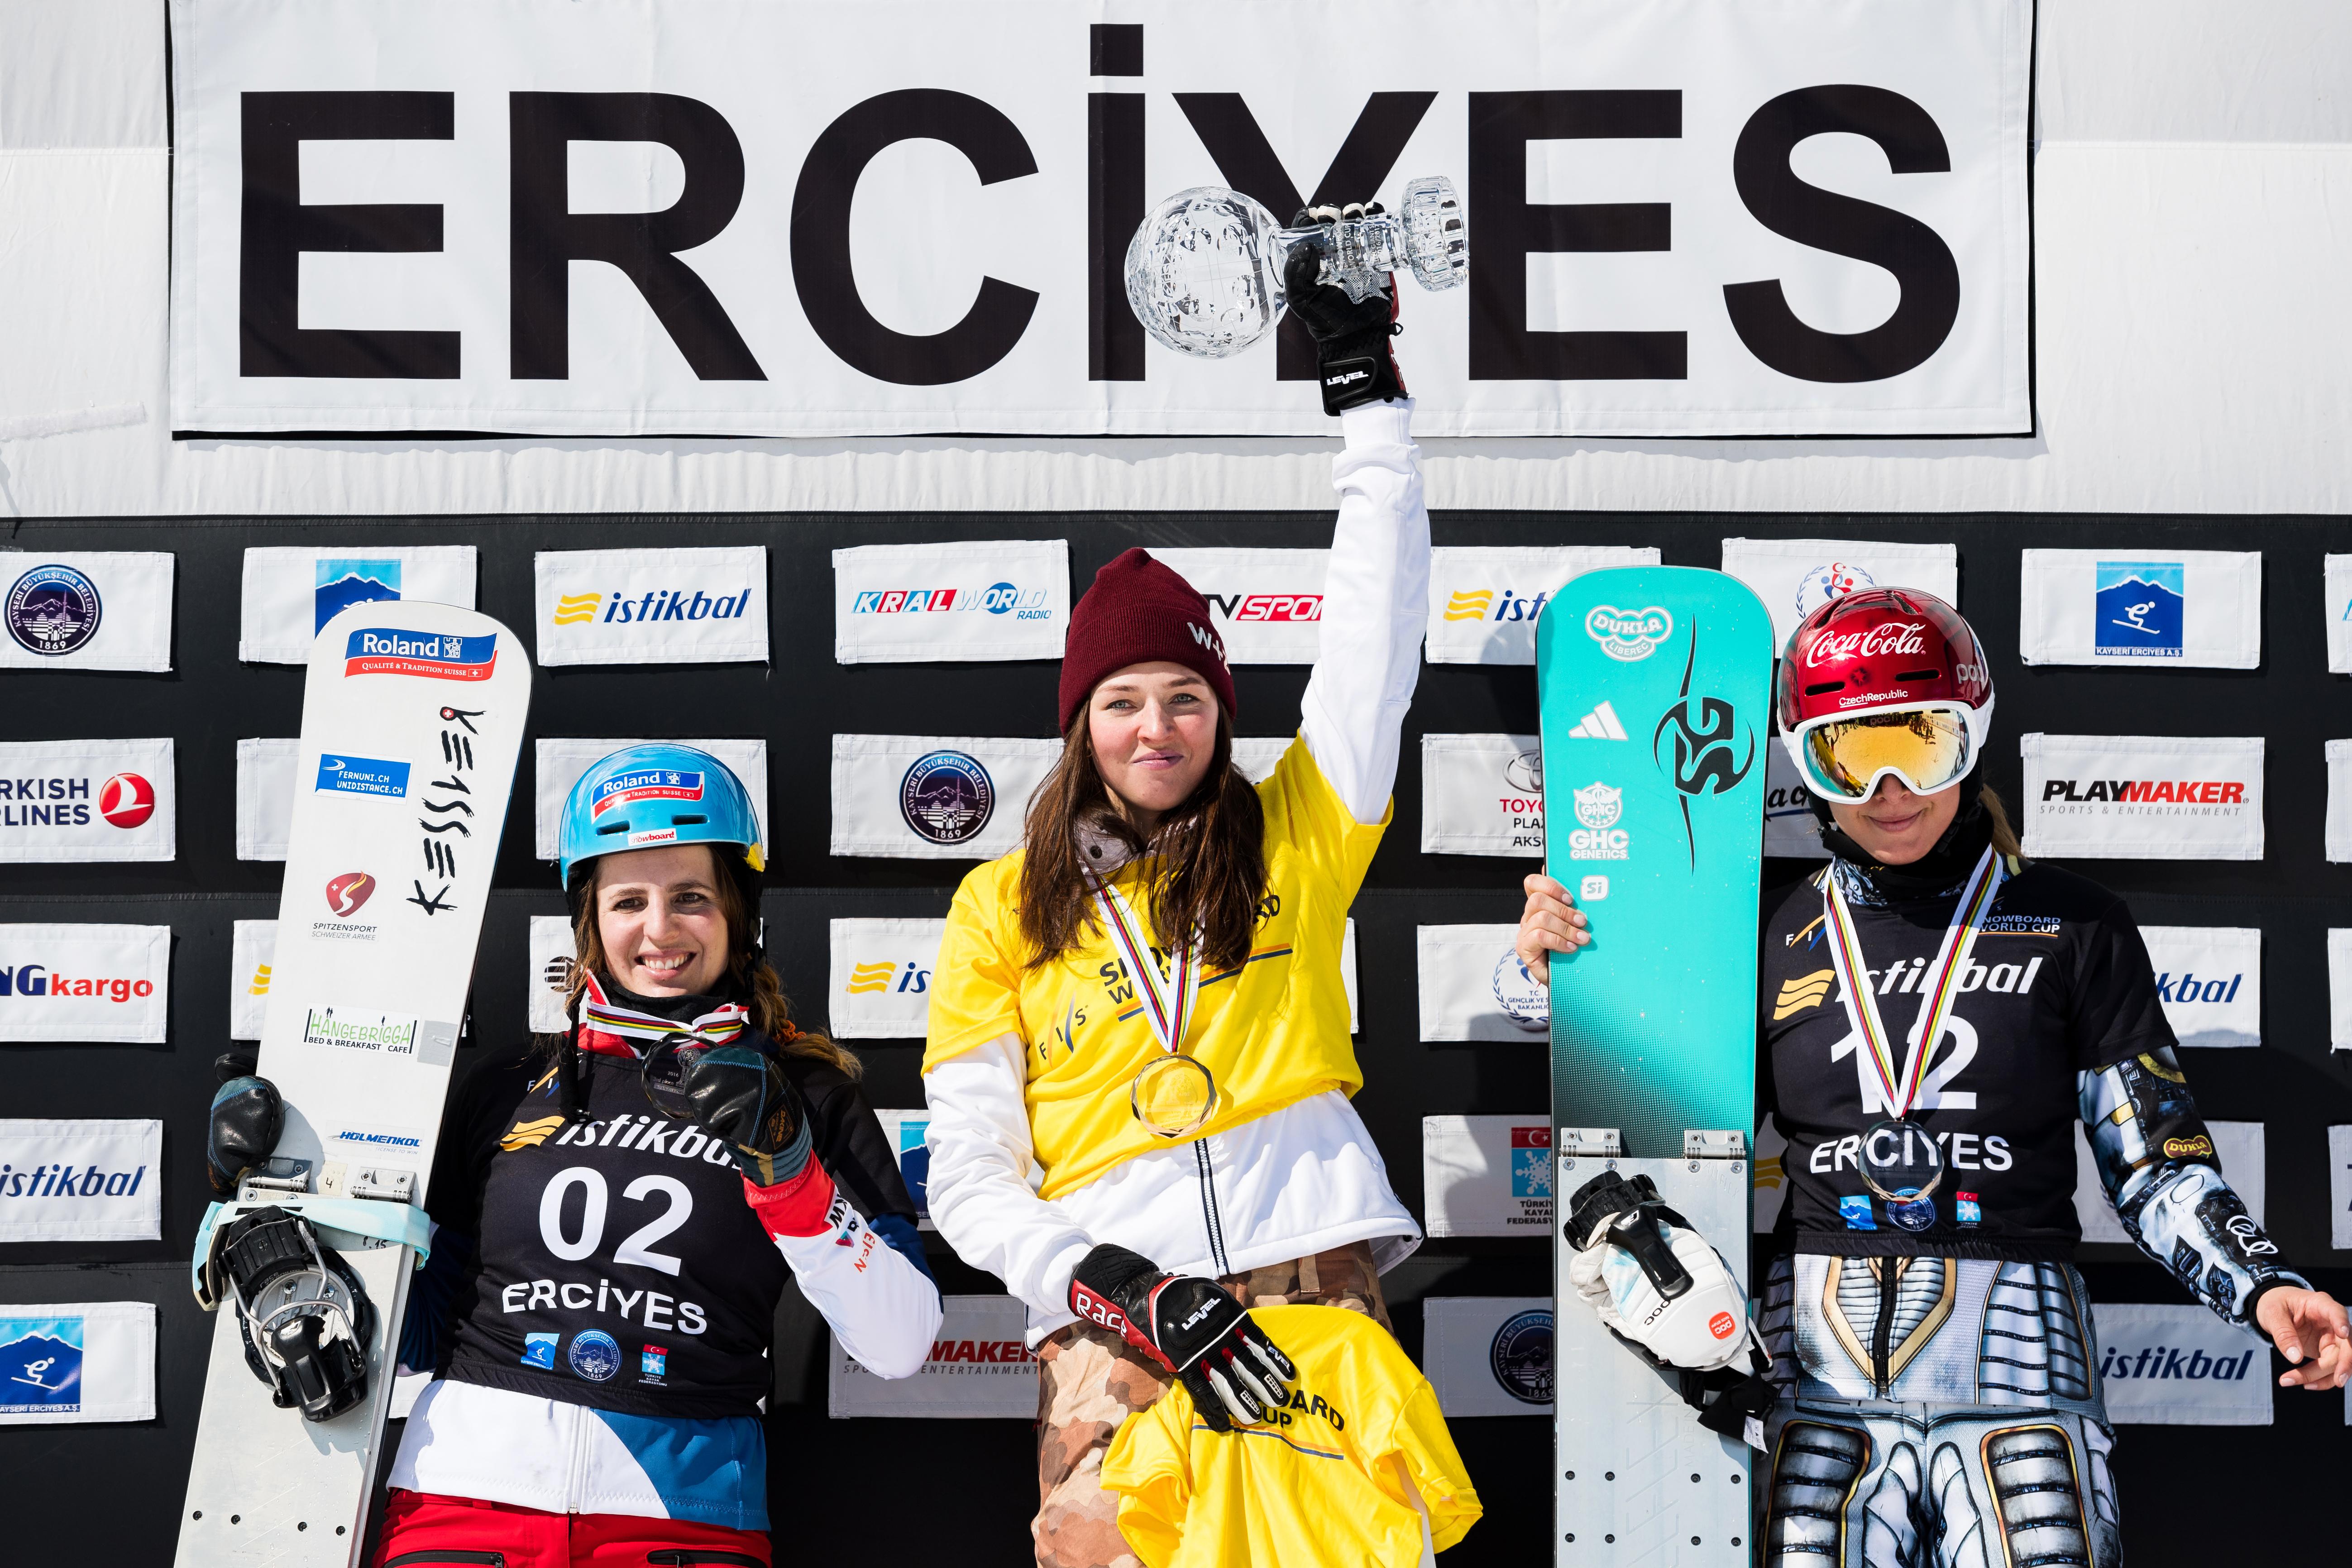 Patrizia Kummer freut sich über ihren 2. Rang in der Disziplinen Gesamtwertung im Parallel Slalom der Saison 2016/2017.